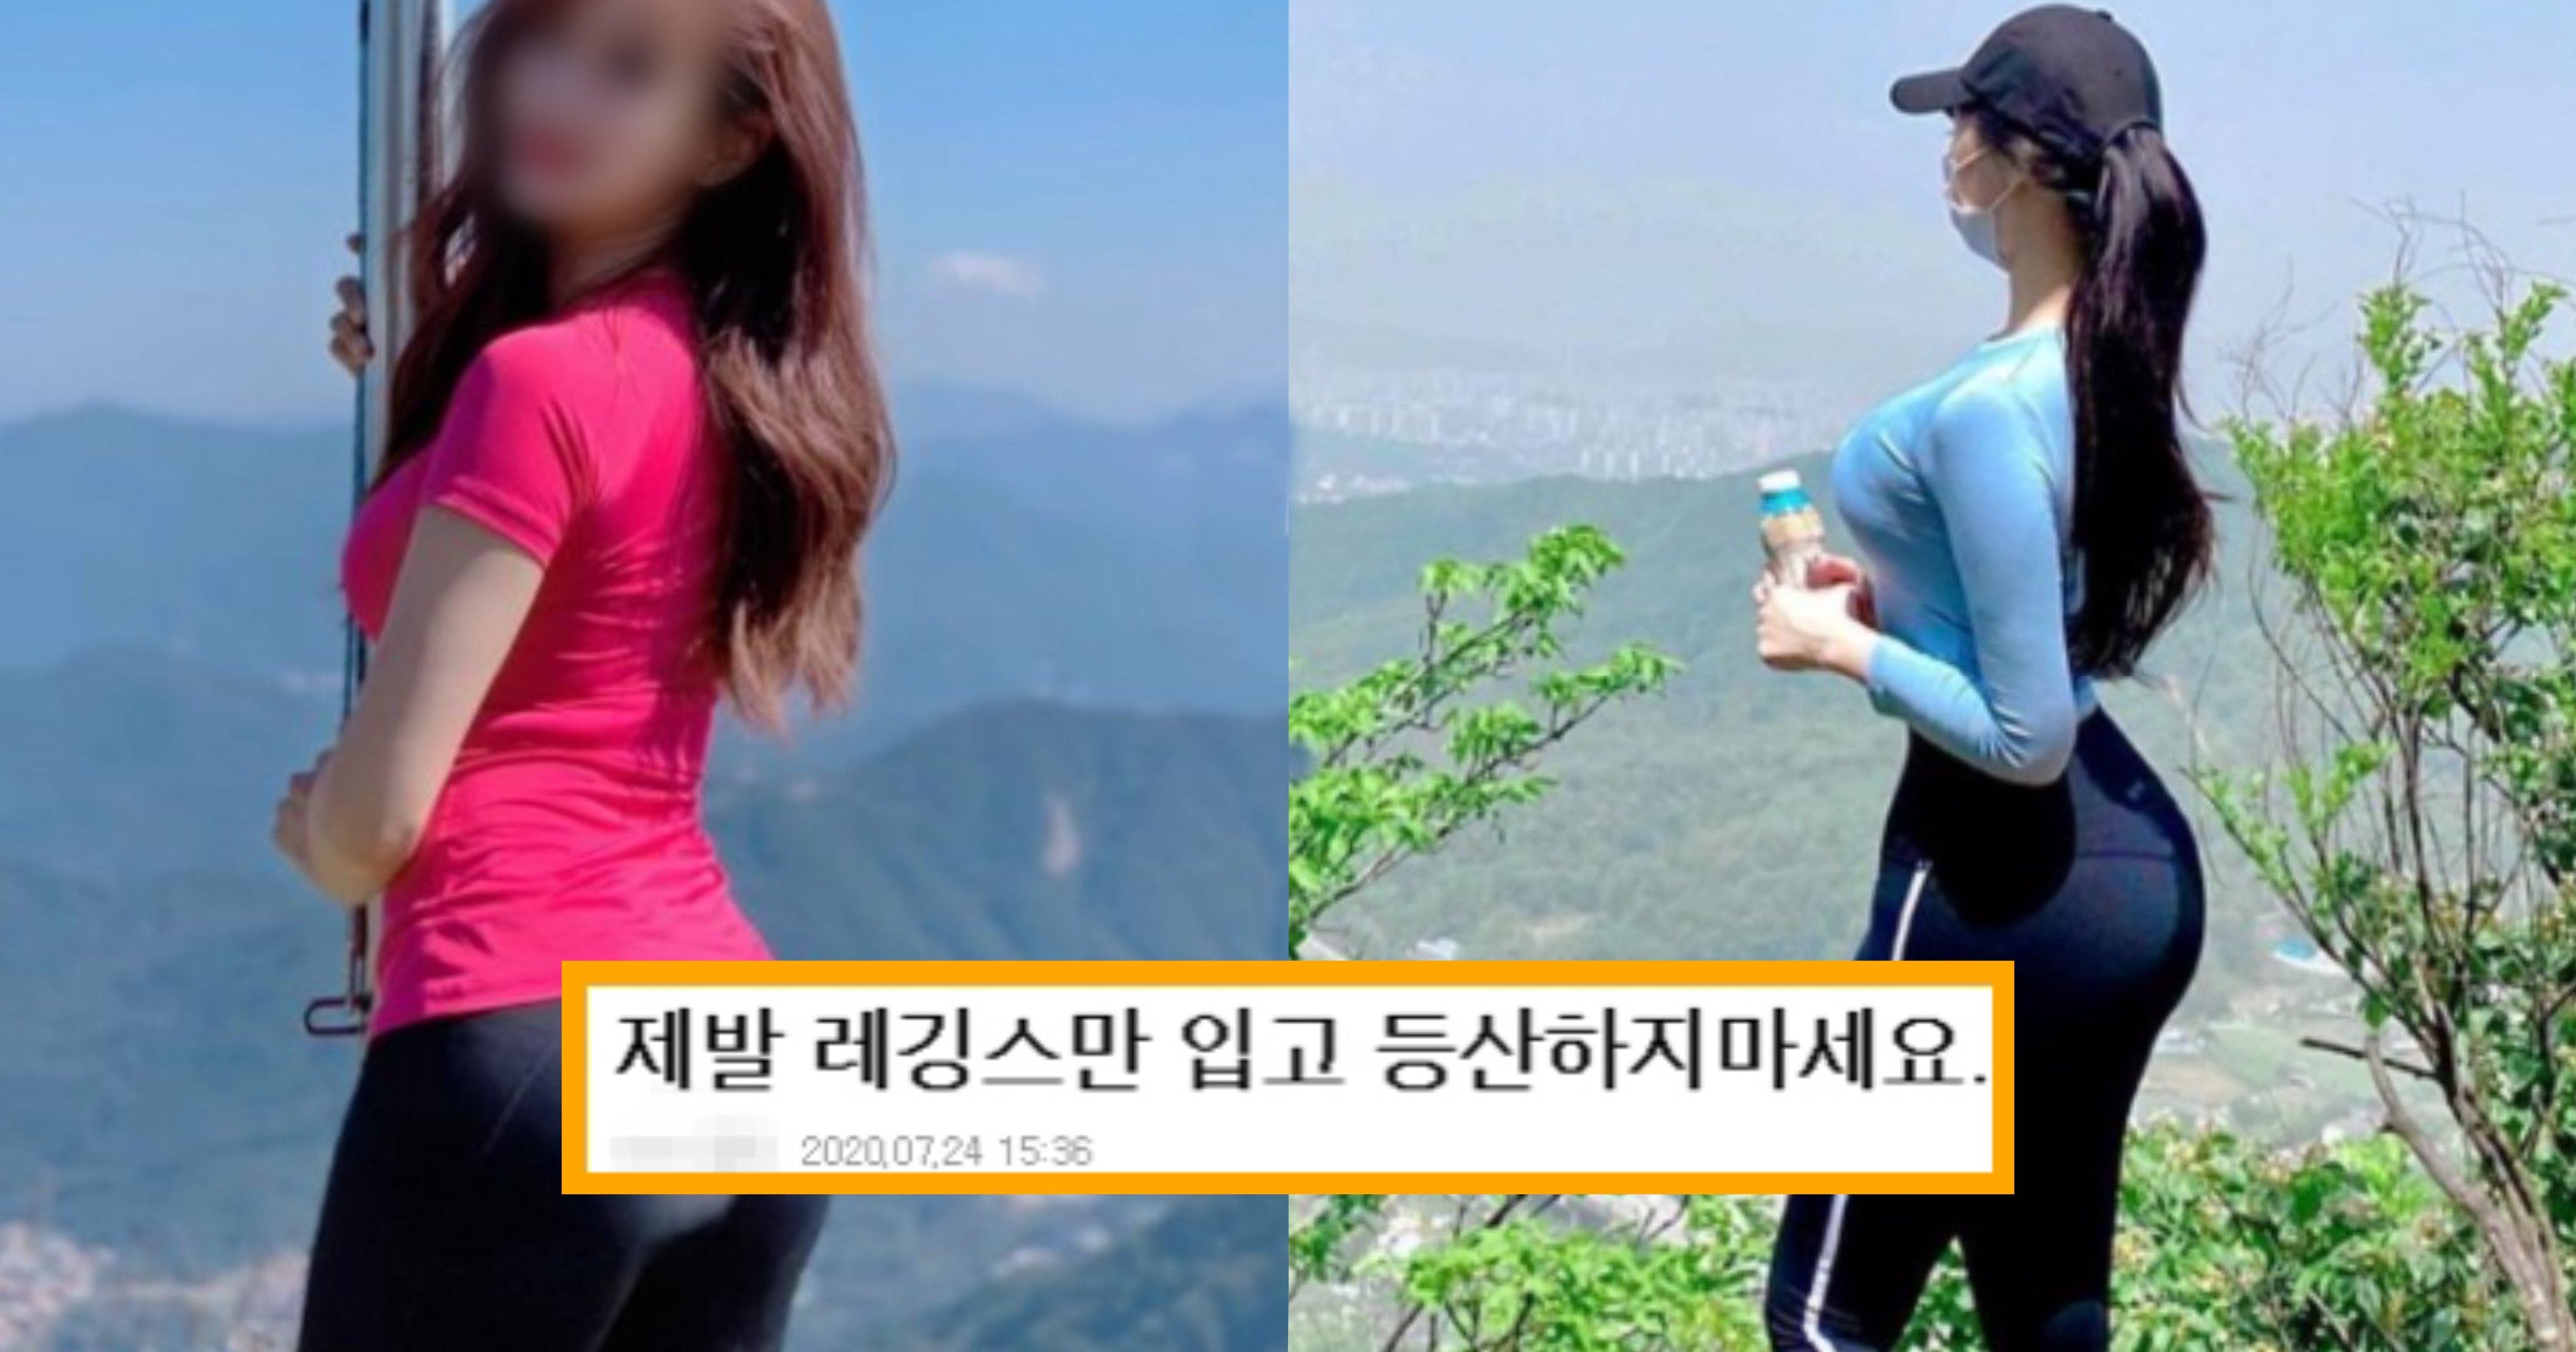 """kakaotalk 20210304 002739059.jpg?resize=412,232 - """"레깅스 입고 등산하지 마세요""""...요즘 여자들이 많이 입고 등산한다는 레깅스가 위험한 이유"""